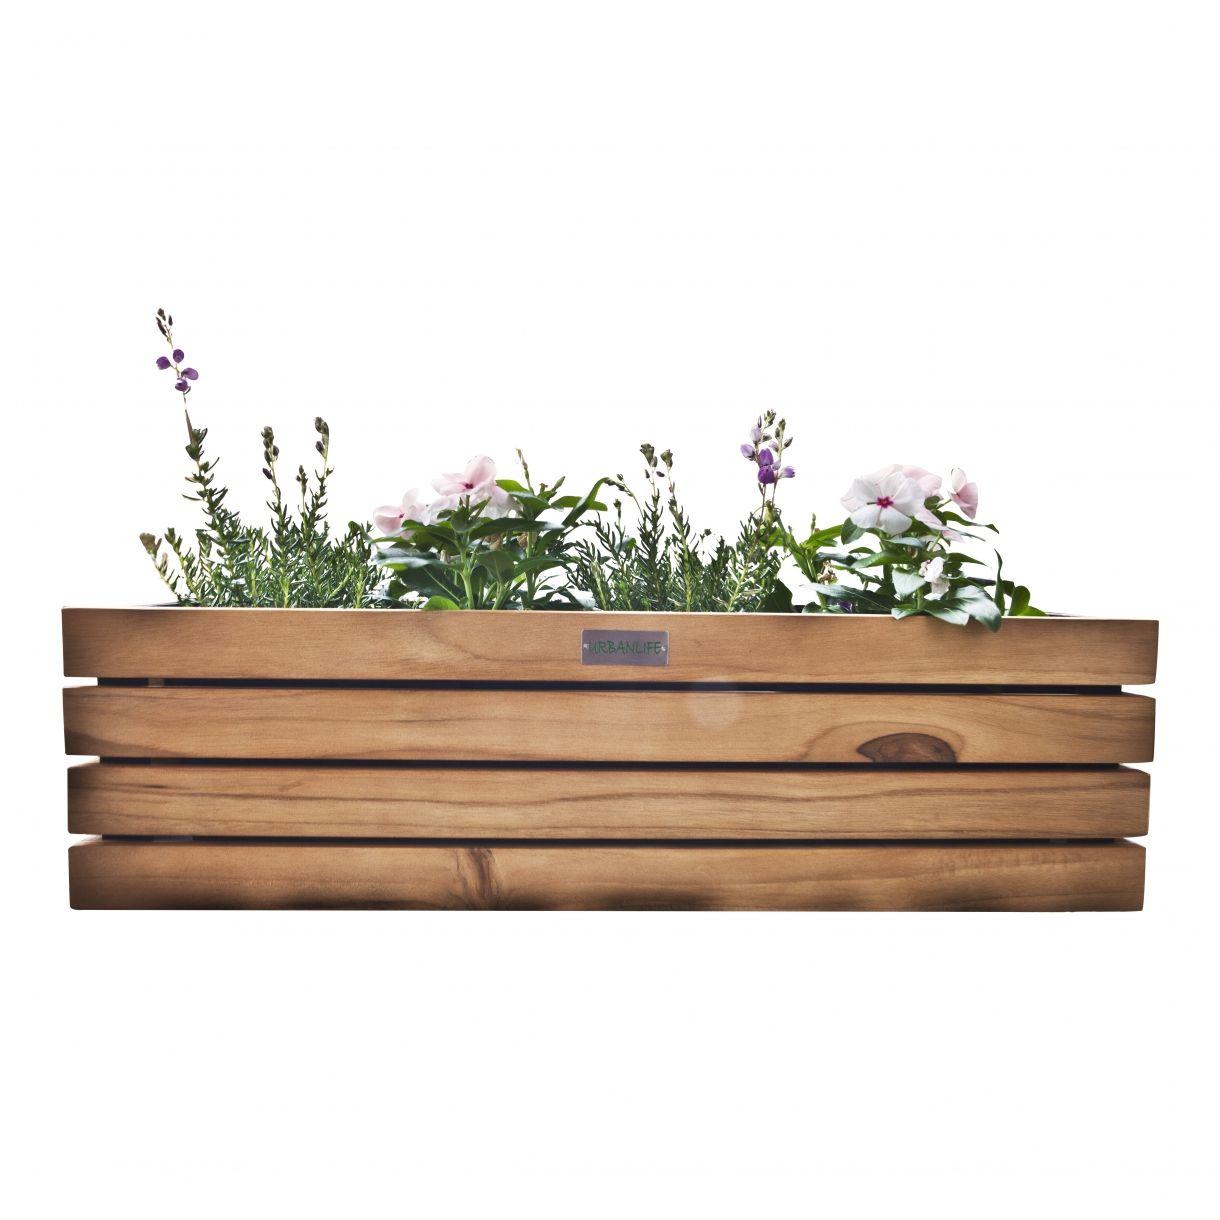 Altanbutikken altankasse teaktræ - 80 cm | altan | pinterest | outdoor furniture